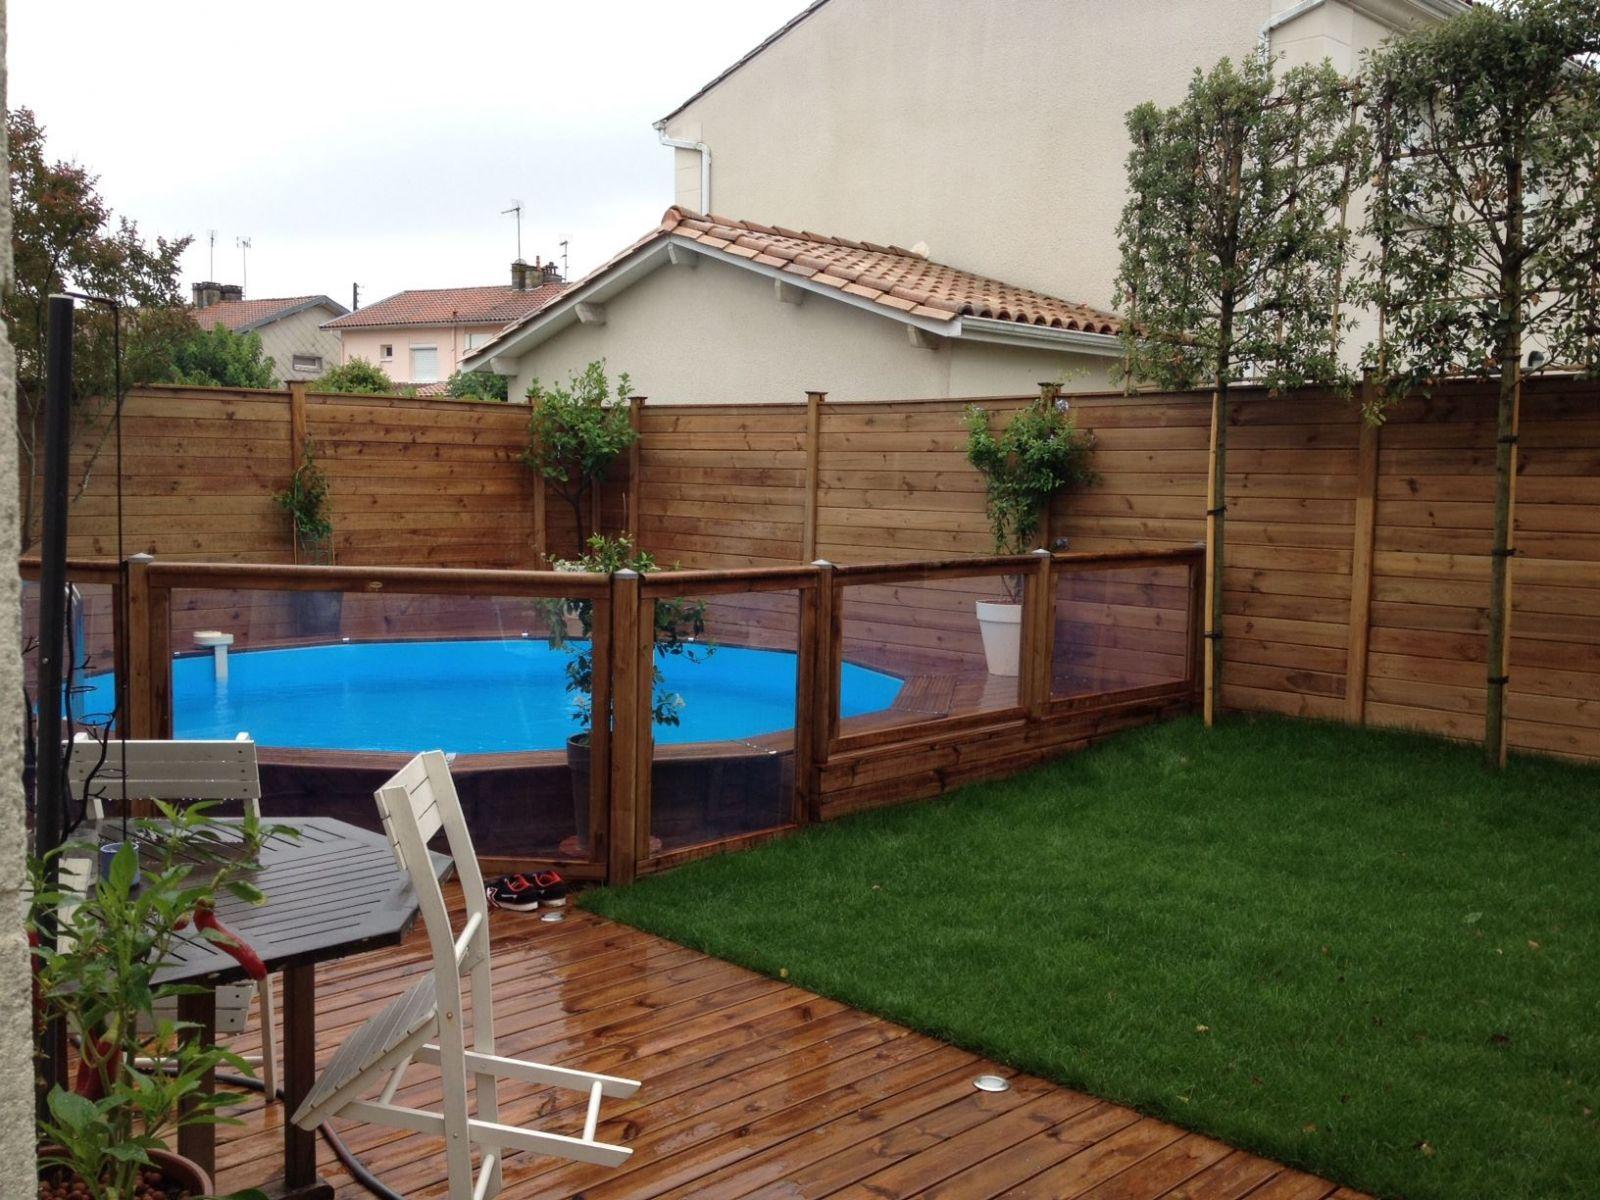 Am nagement d 39 un jardin de ville par un paysagiste bruges am nagement de jardin par un - Jardin cloture amenagement ...